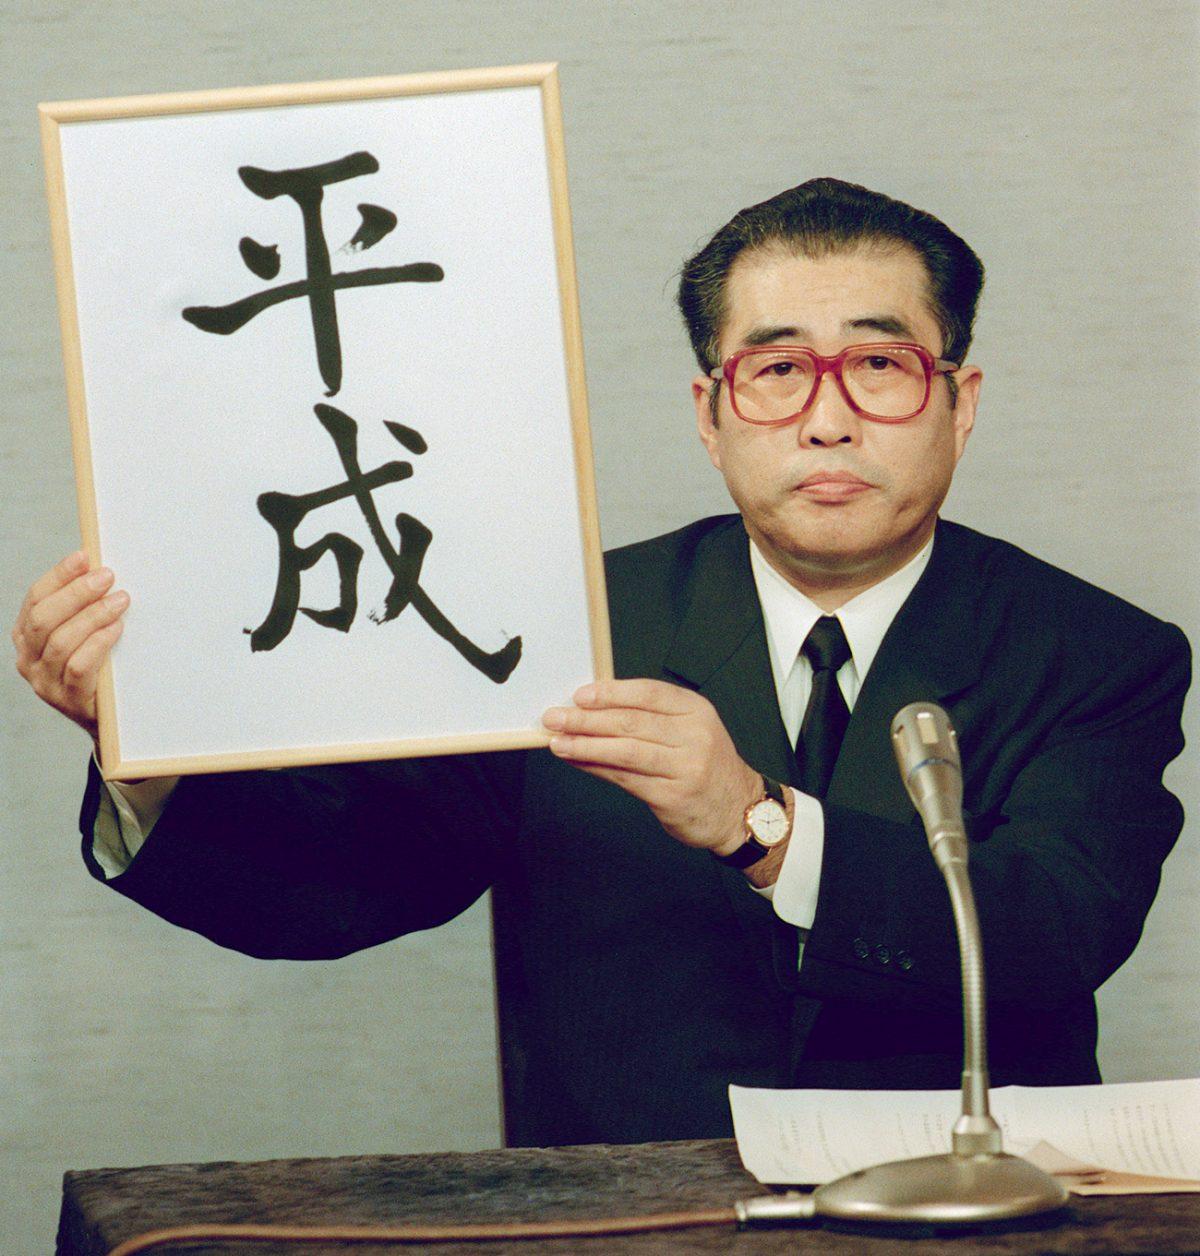 一問一報/小渕恵三